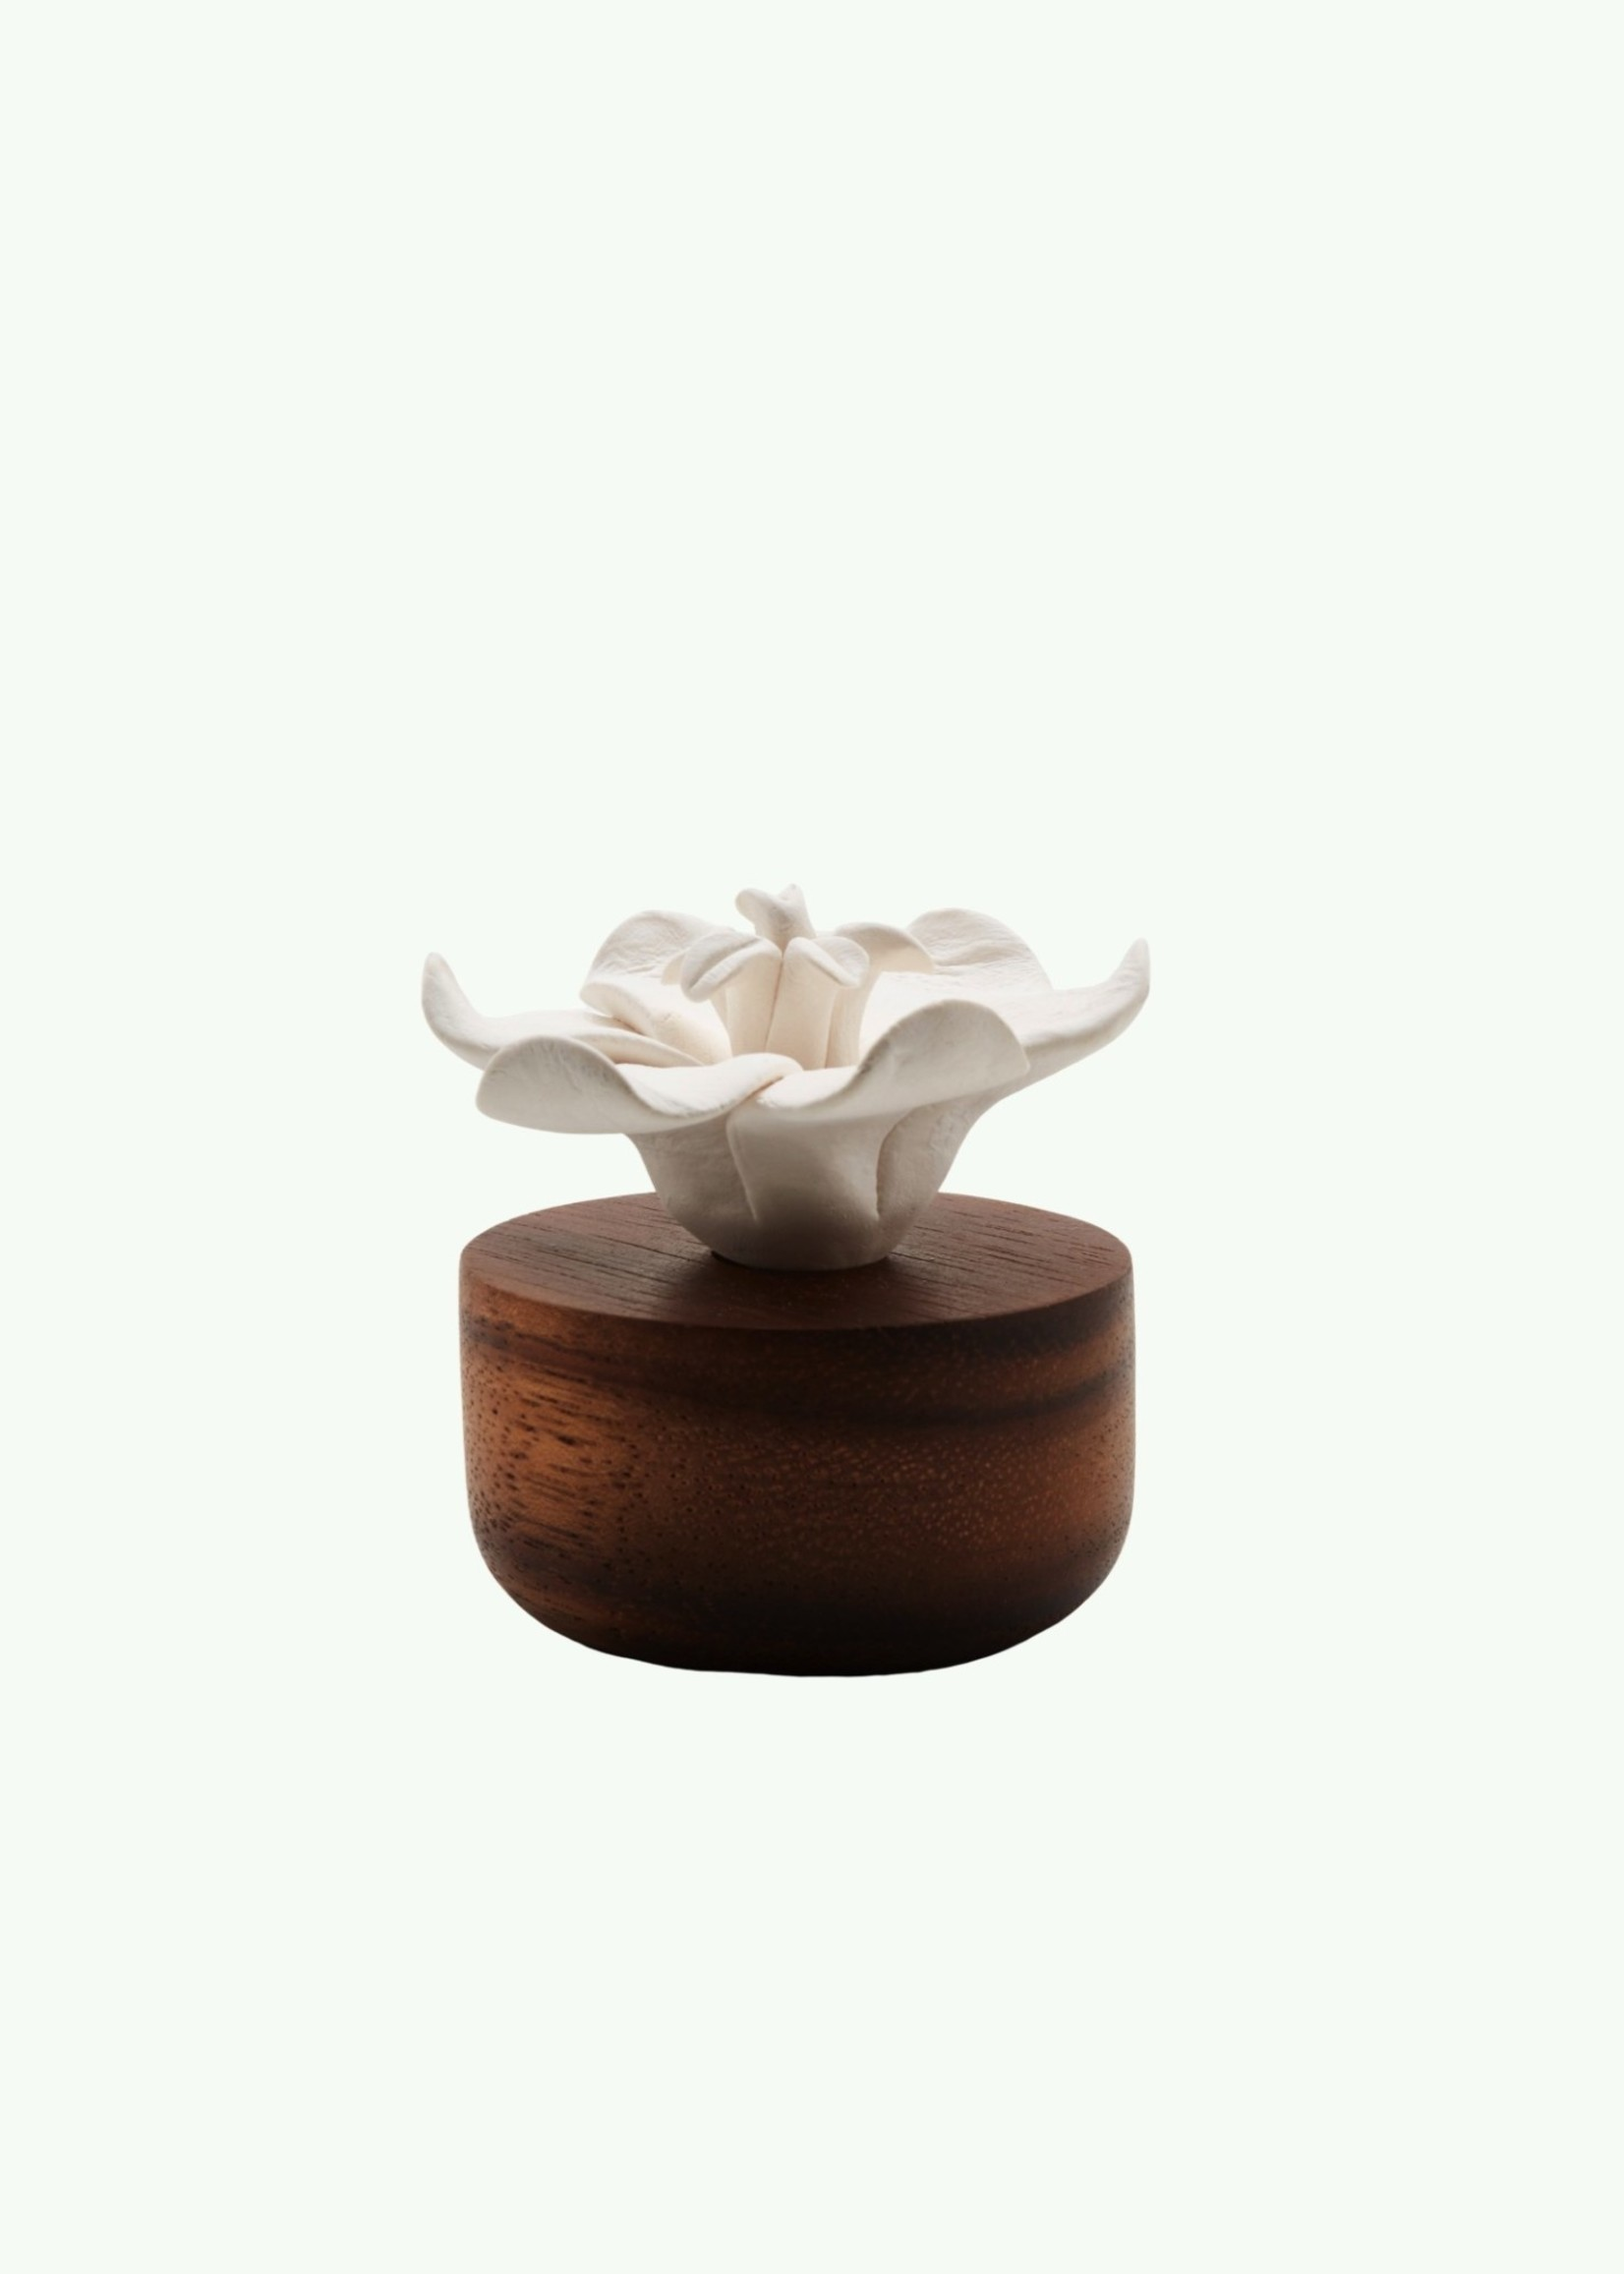 Anoq Anoq - Jasmin d'Orient - Diffuseur de Parfum - 3 couleurs